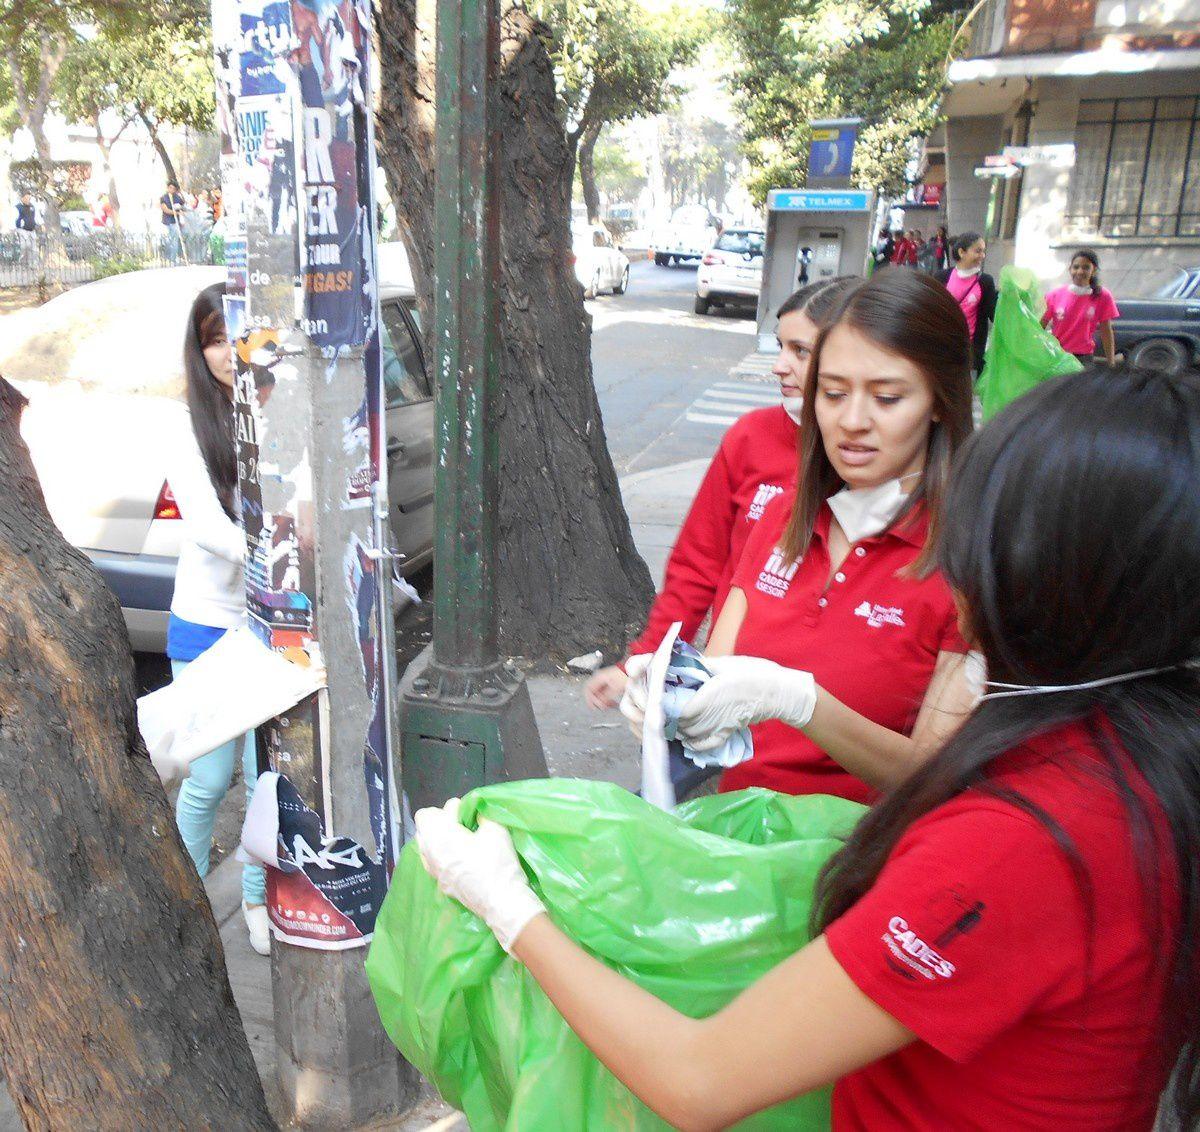 Opération grand nettoyage sur les boulevards de Mexico